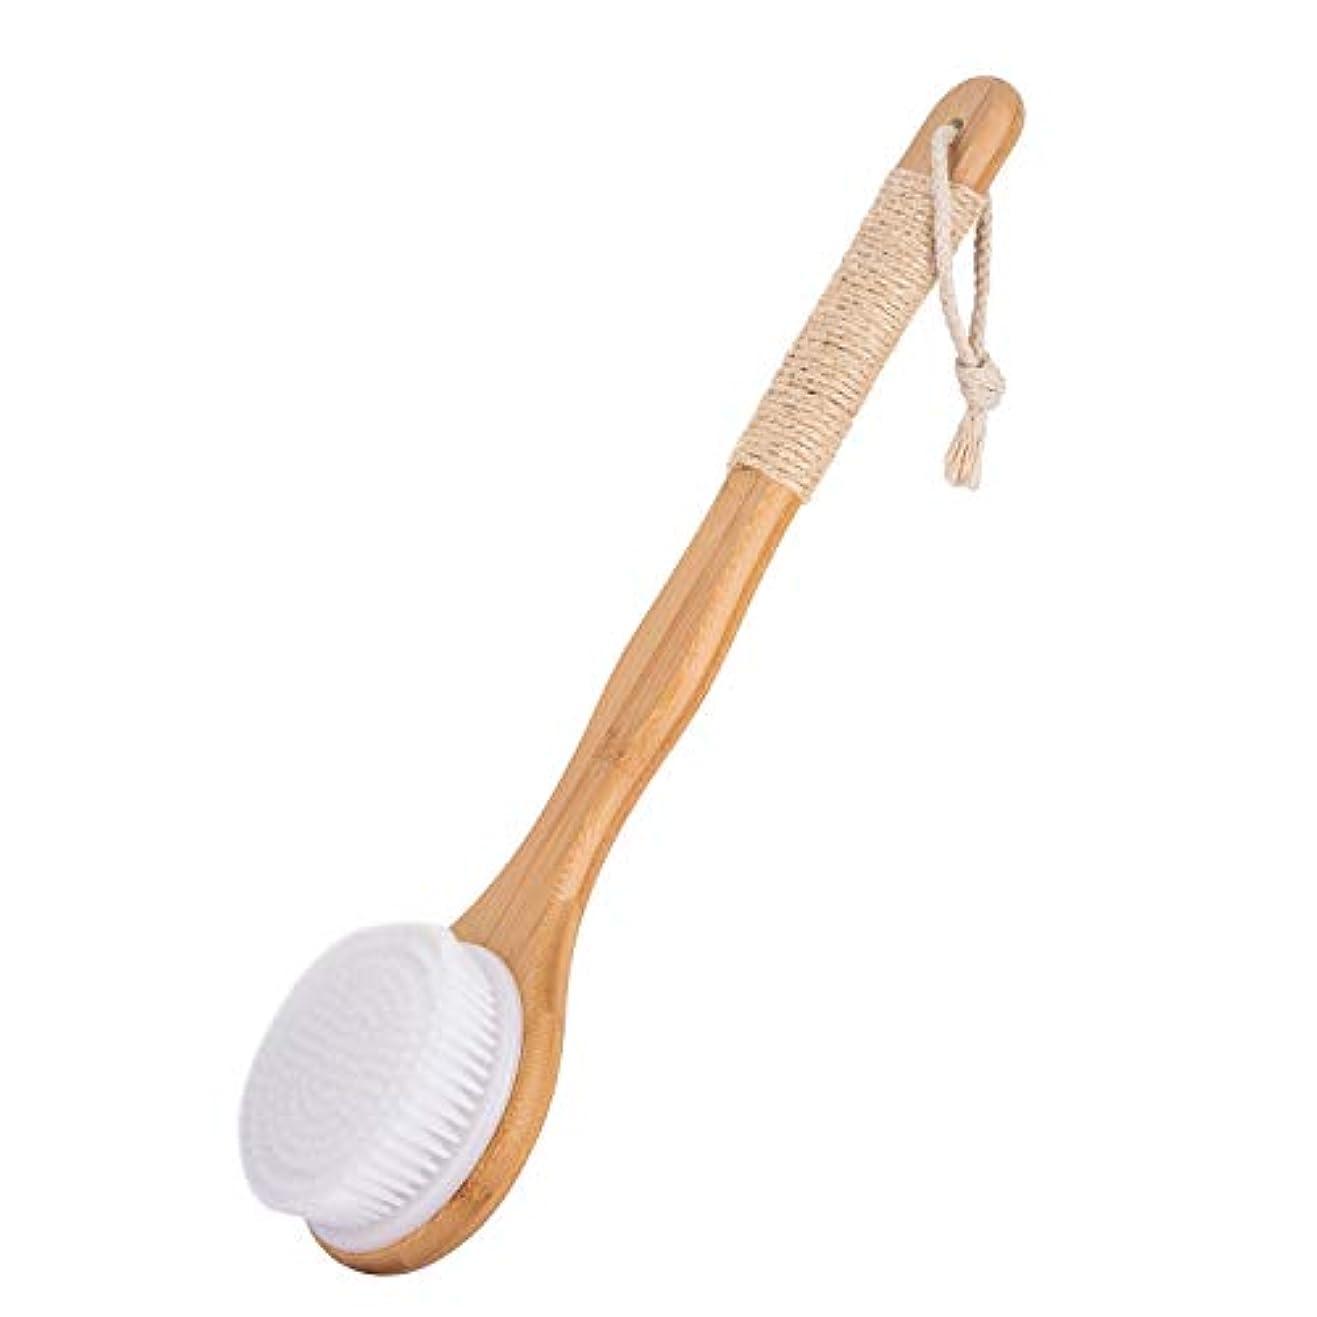 人ジョージバーナード聖なるボディブラシ 体洗いブラシ 繊維毛 ロング お風呂用 竹製長柄